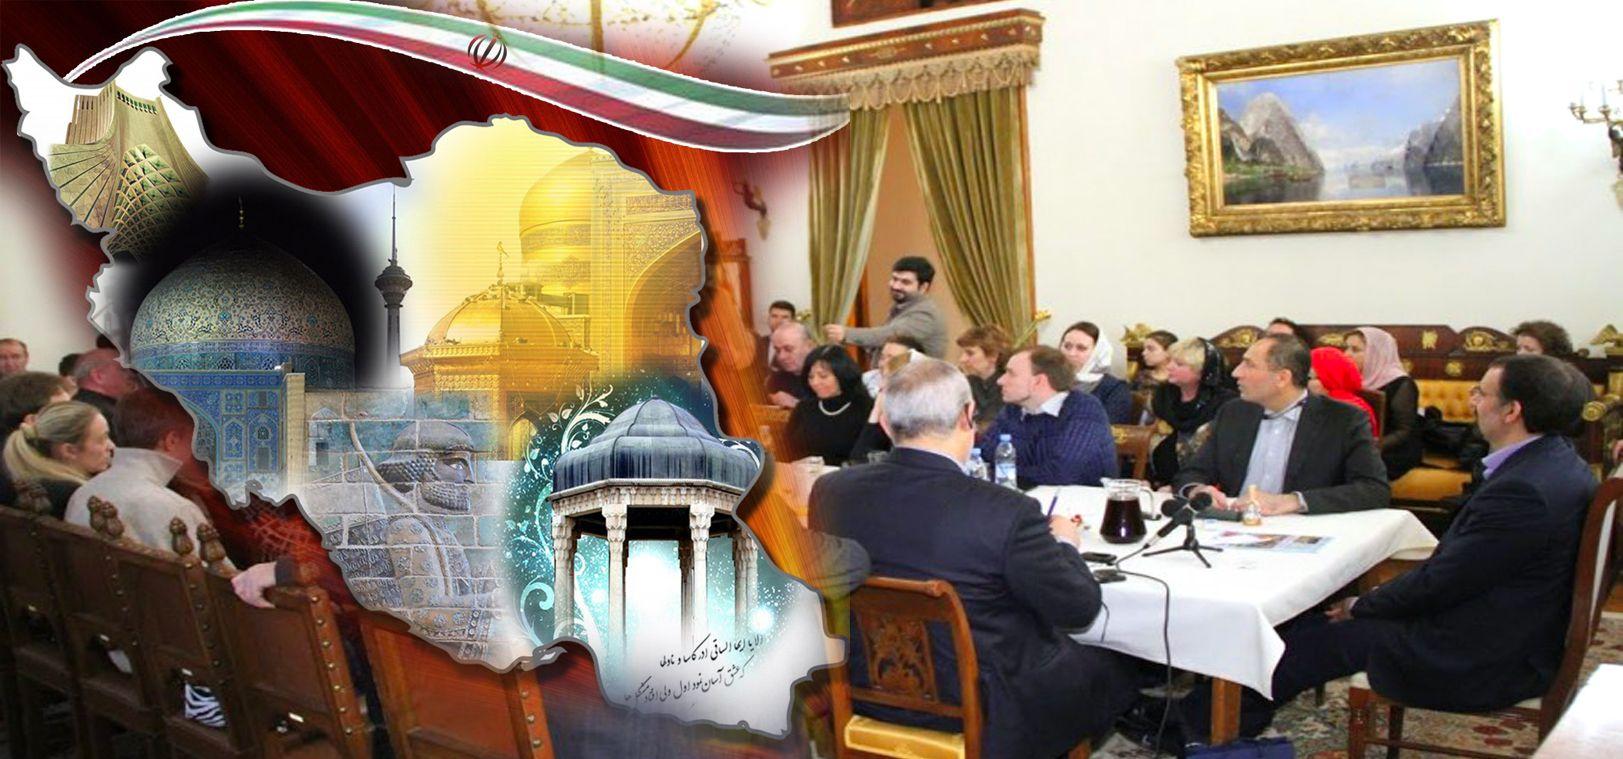 Azeri Sahar Tv | Встреча Посла Ирана в России с российскими туристами на тему «Иран глазами российских туристов» |